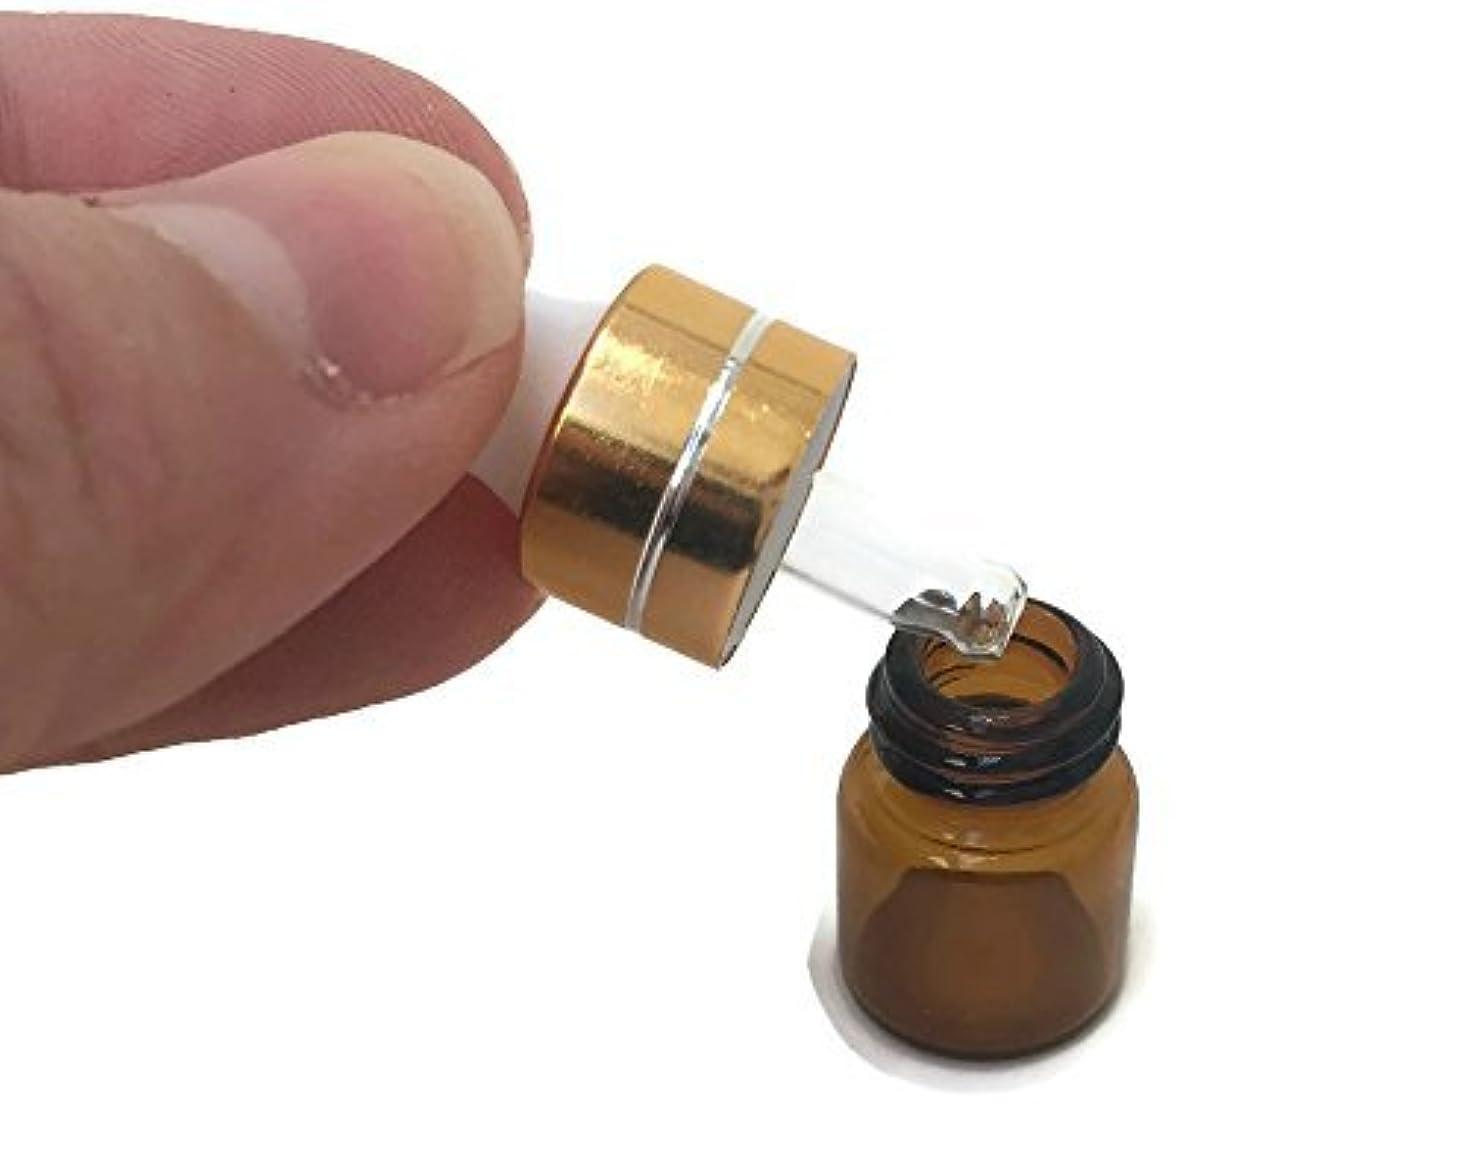 喜ぶショッキング逮捕Miniature 1/4 Dram 1mL Glass Dropper Bottles for Essential Oils from. Amber Glass to Protect Sensitive Oils. Gold...